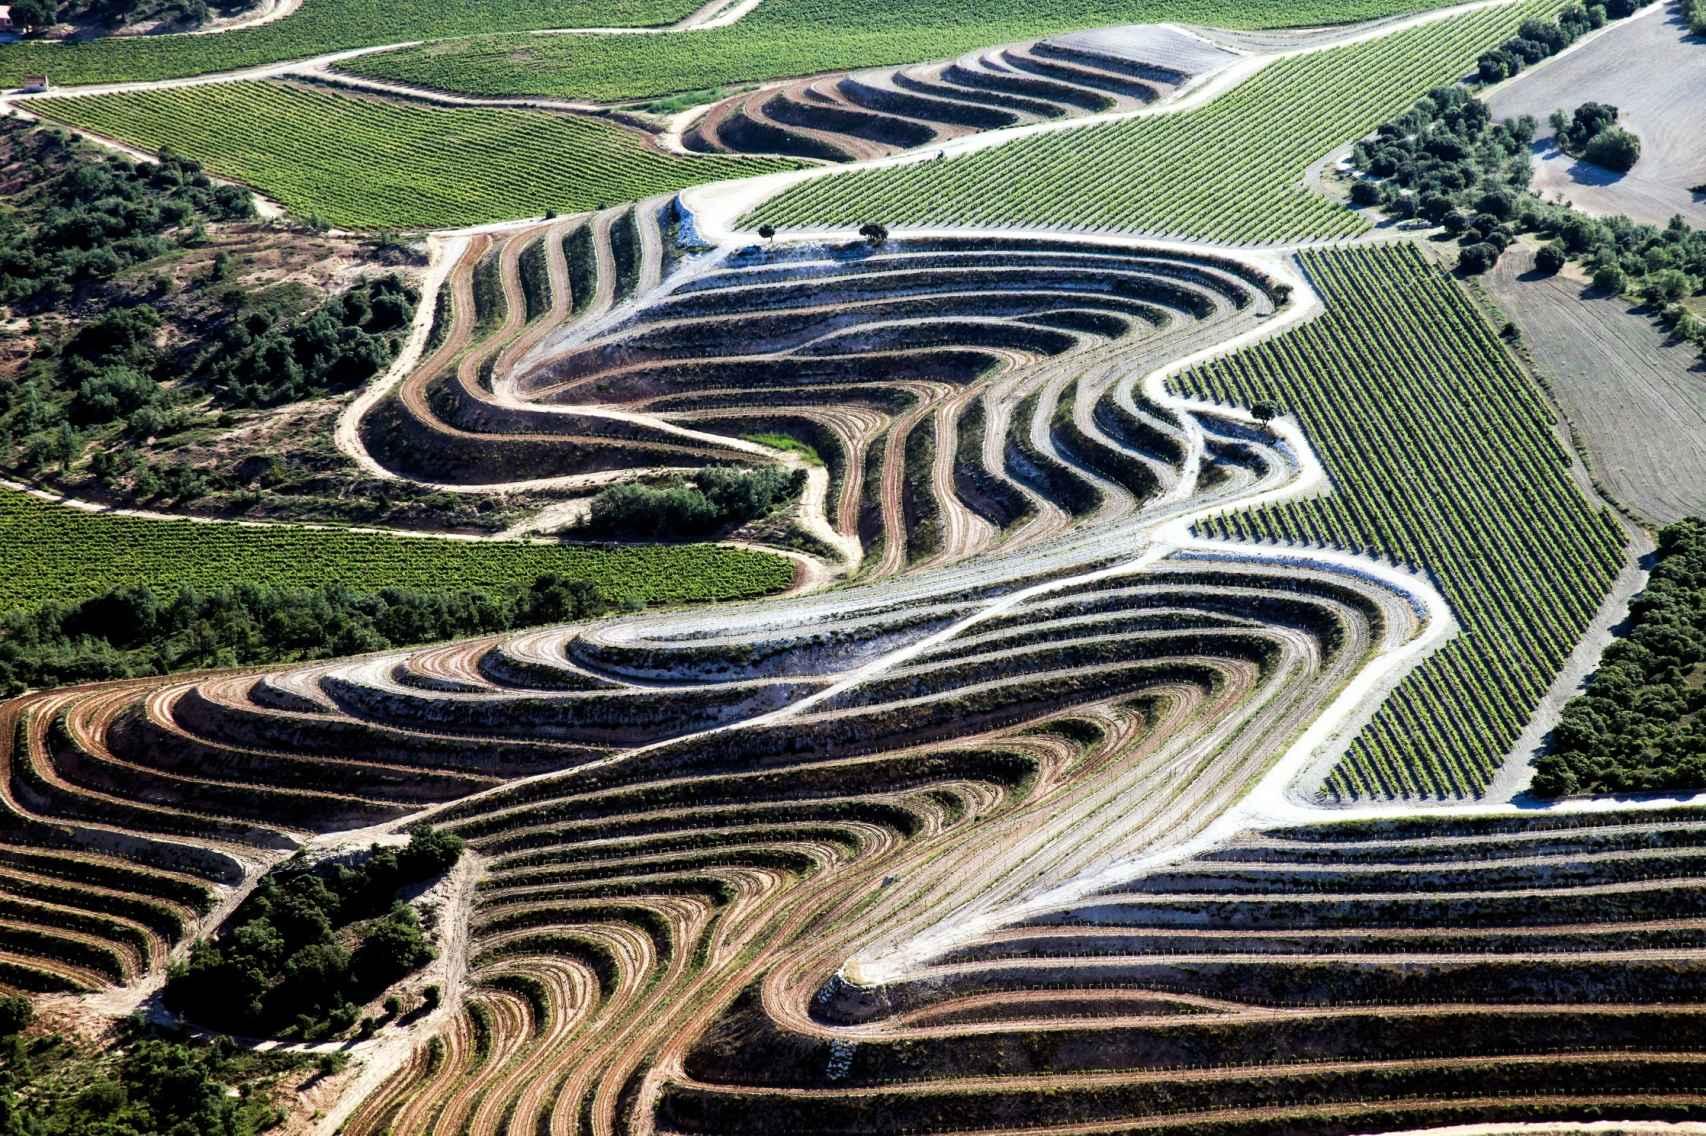 Vista aérea del viñedo en bancales de la finca San Cobate.